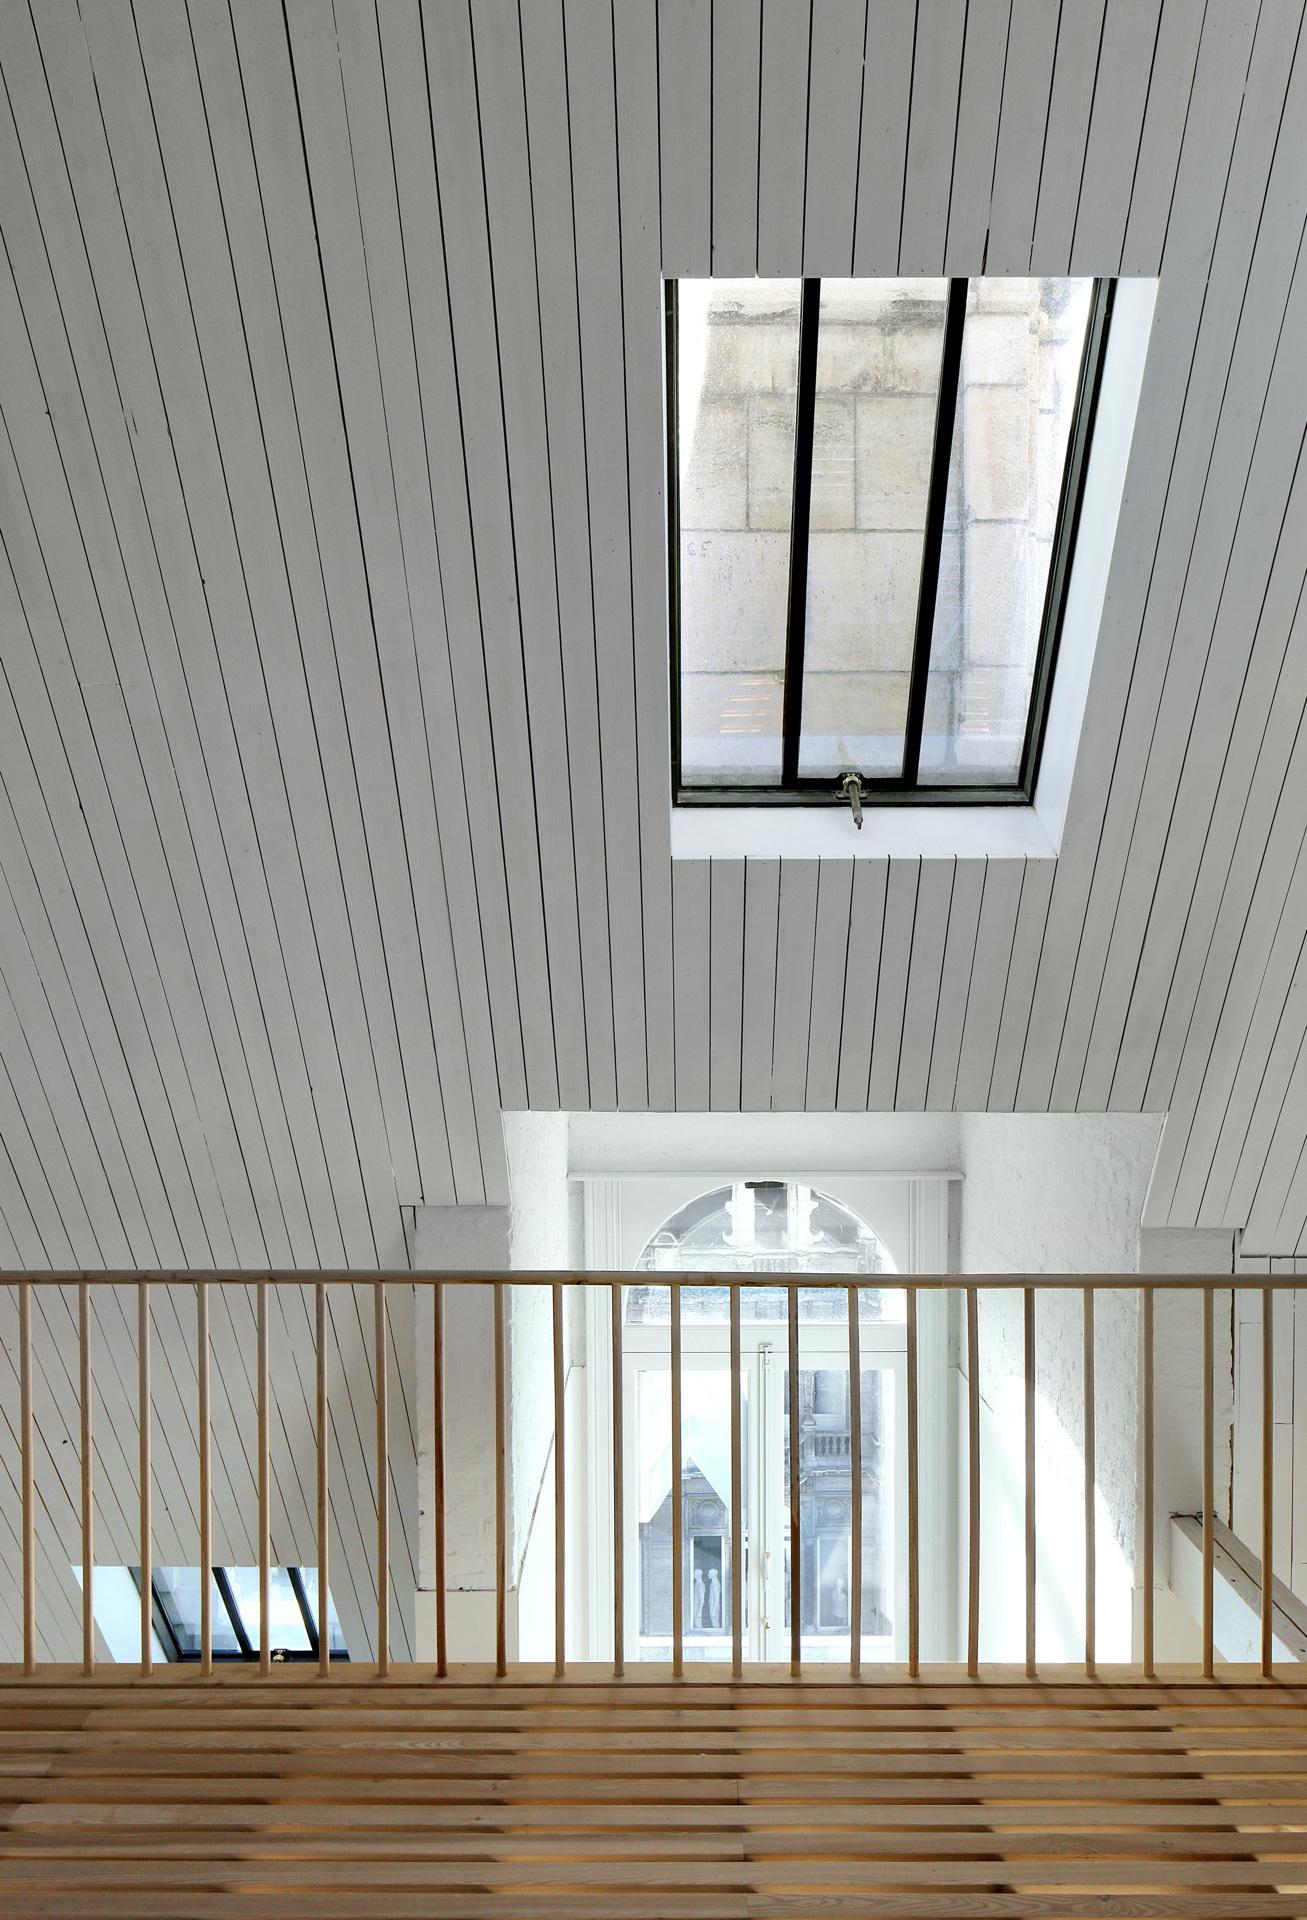 Bovenbouw: Gebäudesanierung in der Leysstraat in Antwerpen